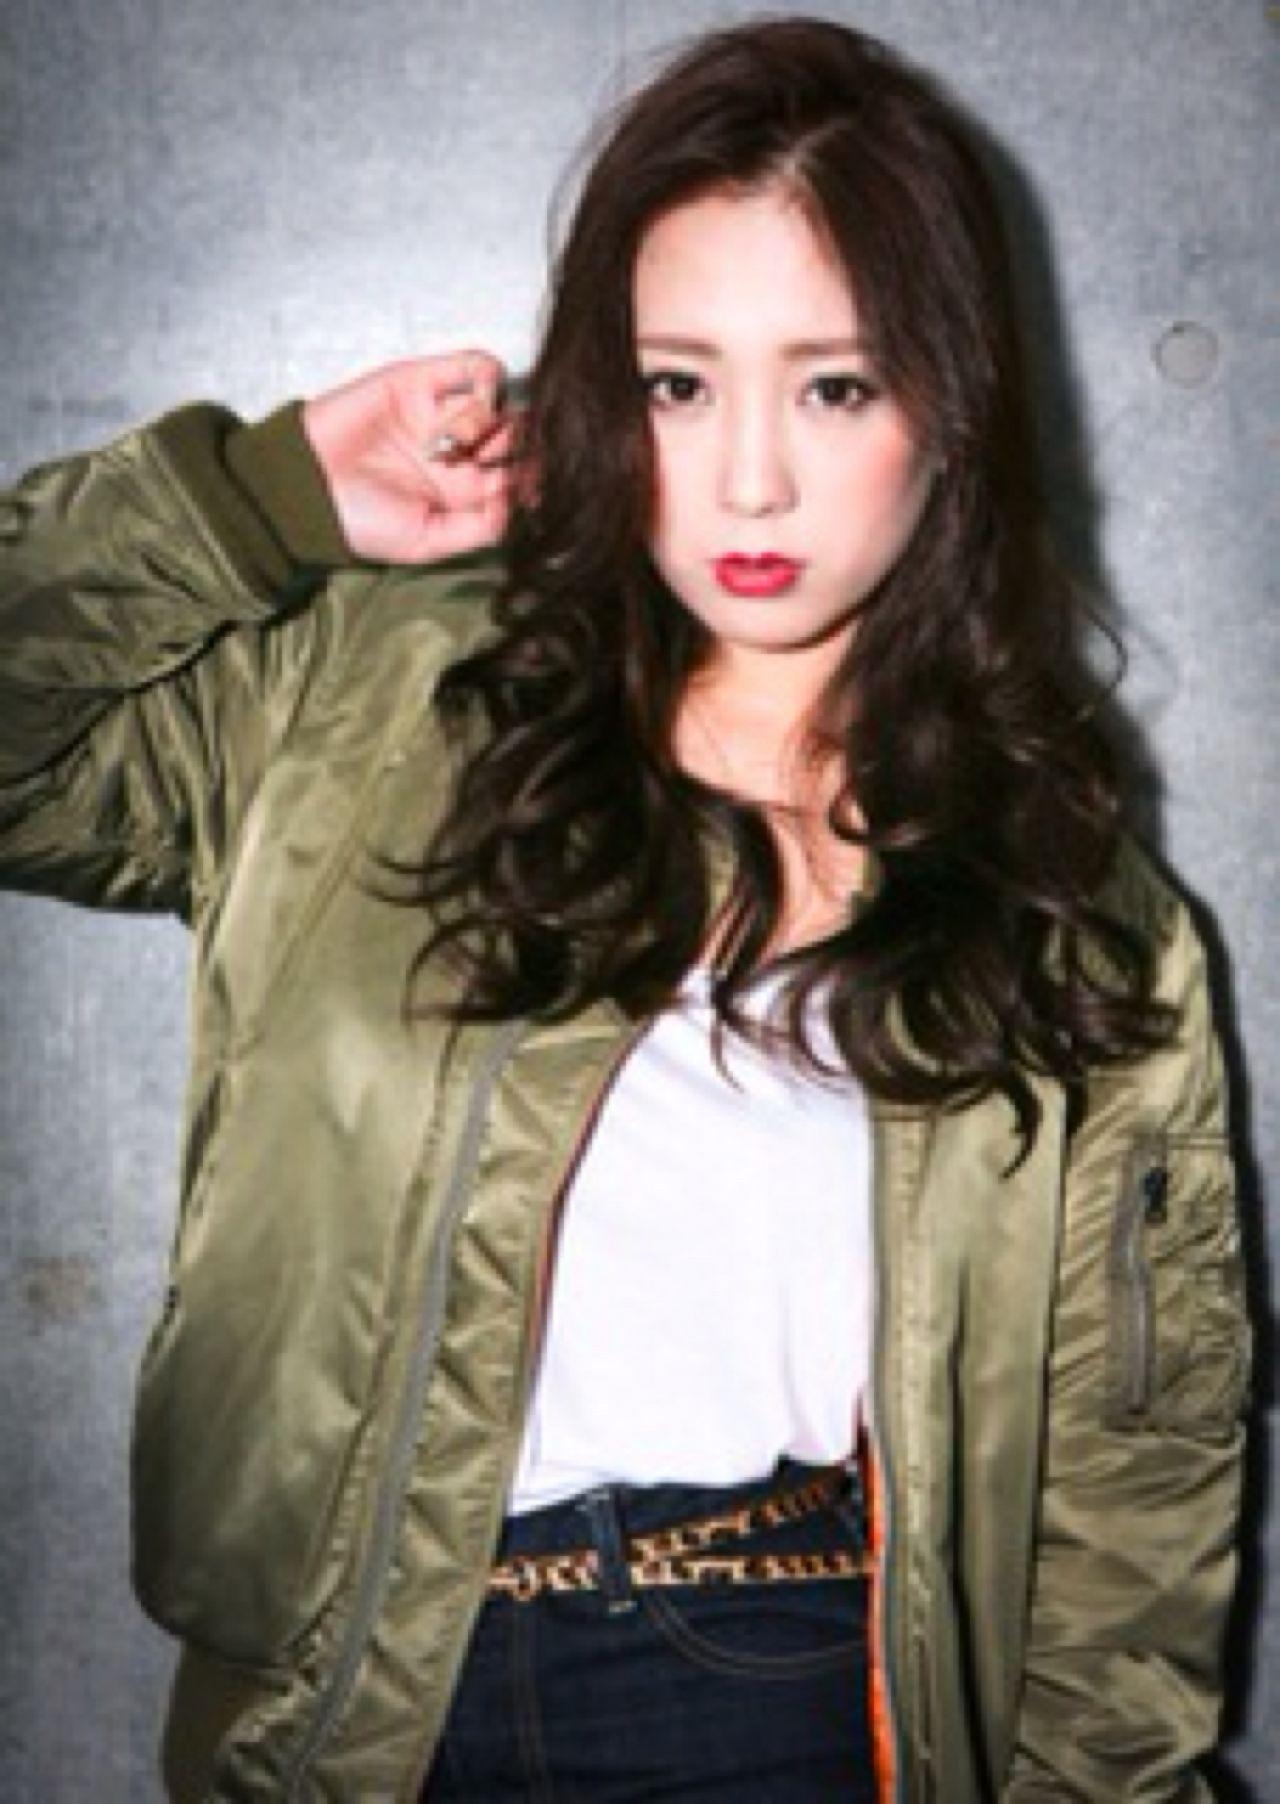 ストリート モード 暗髪 ロング ヘアスタイルや髪型の写真・画像 | RYO ARTISM / ARTISM Tokyo